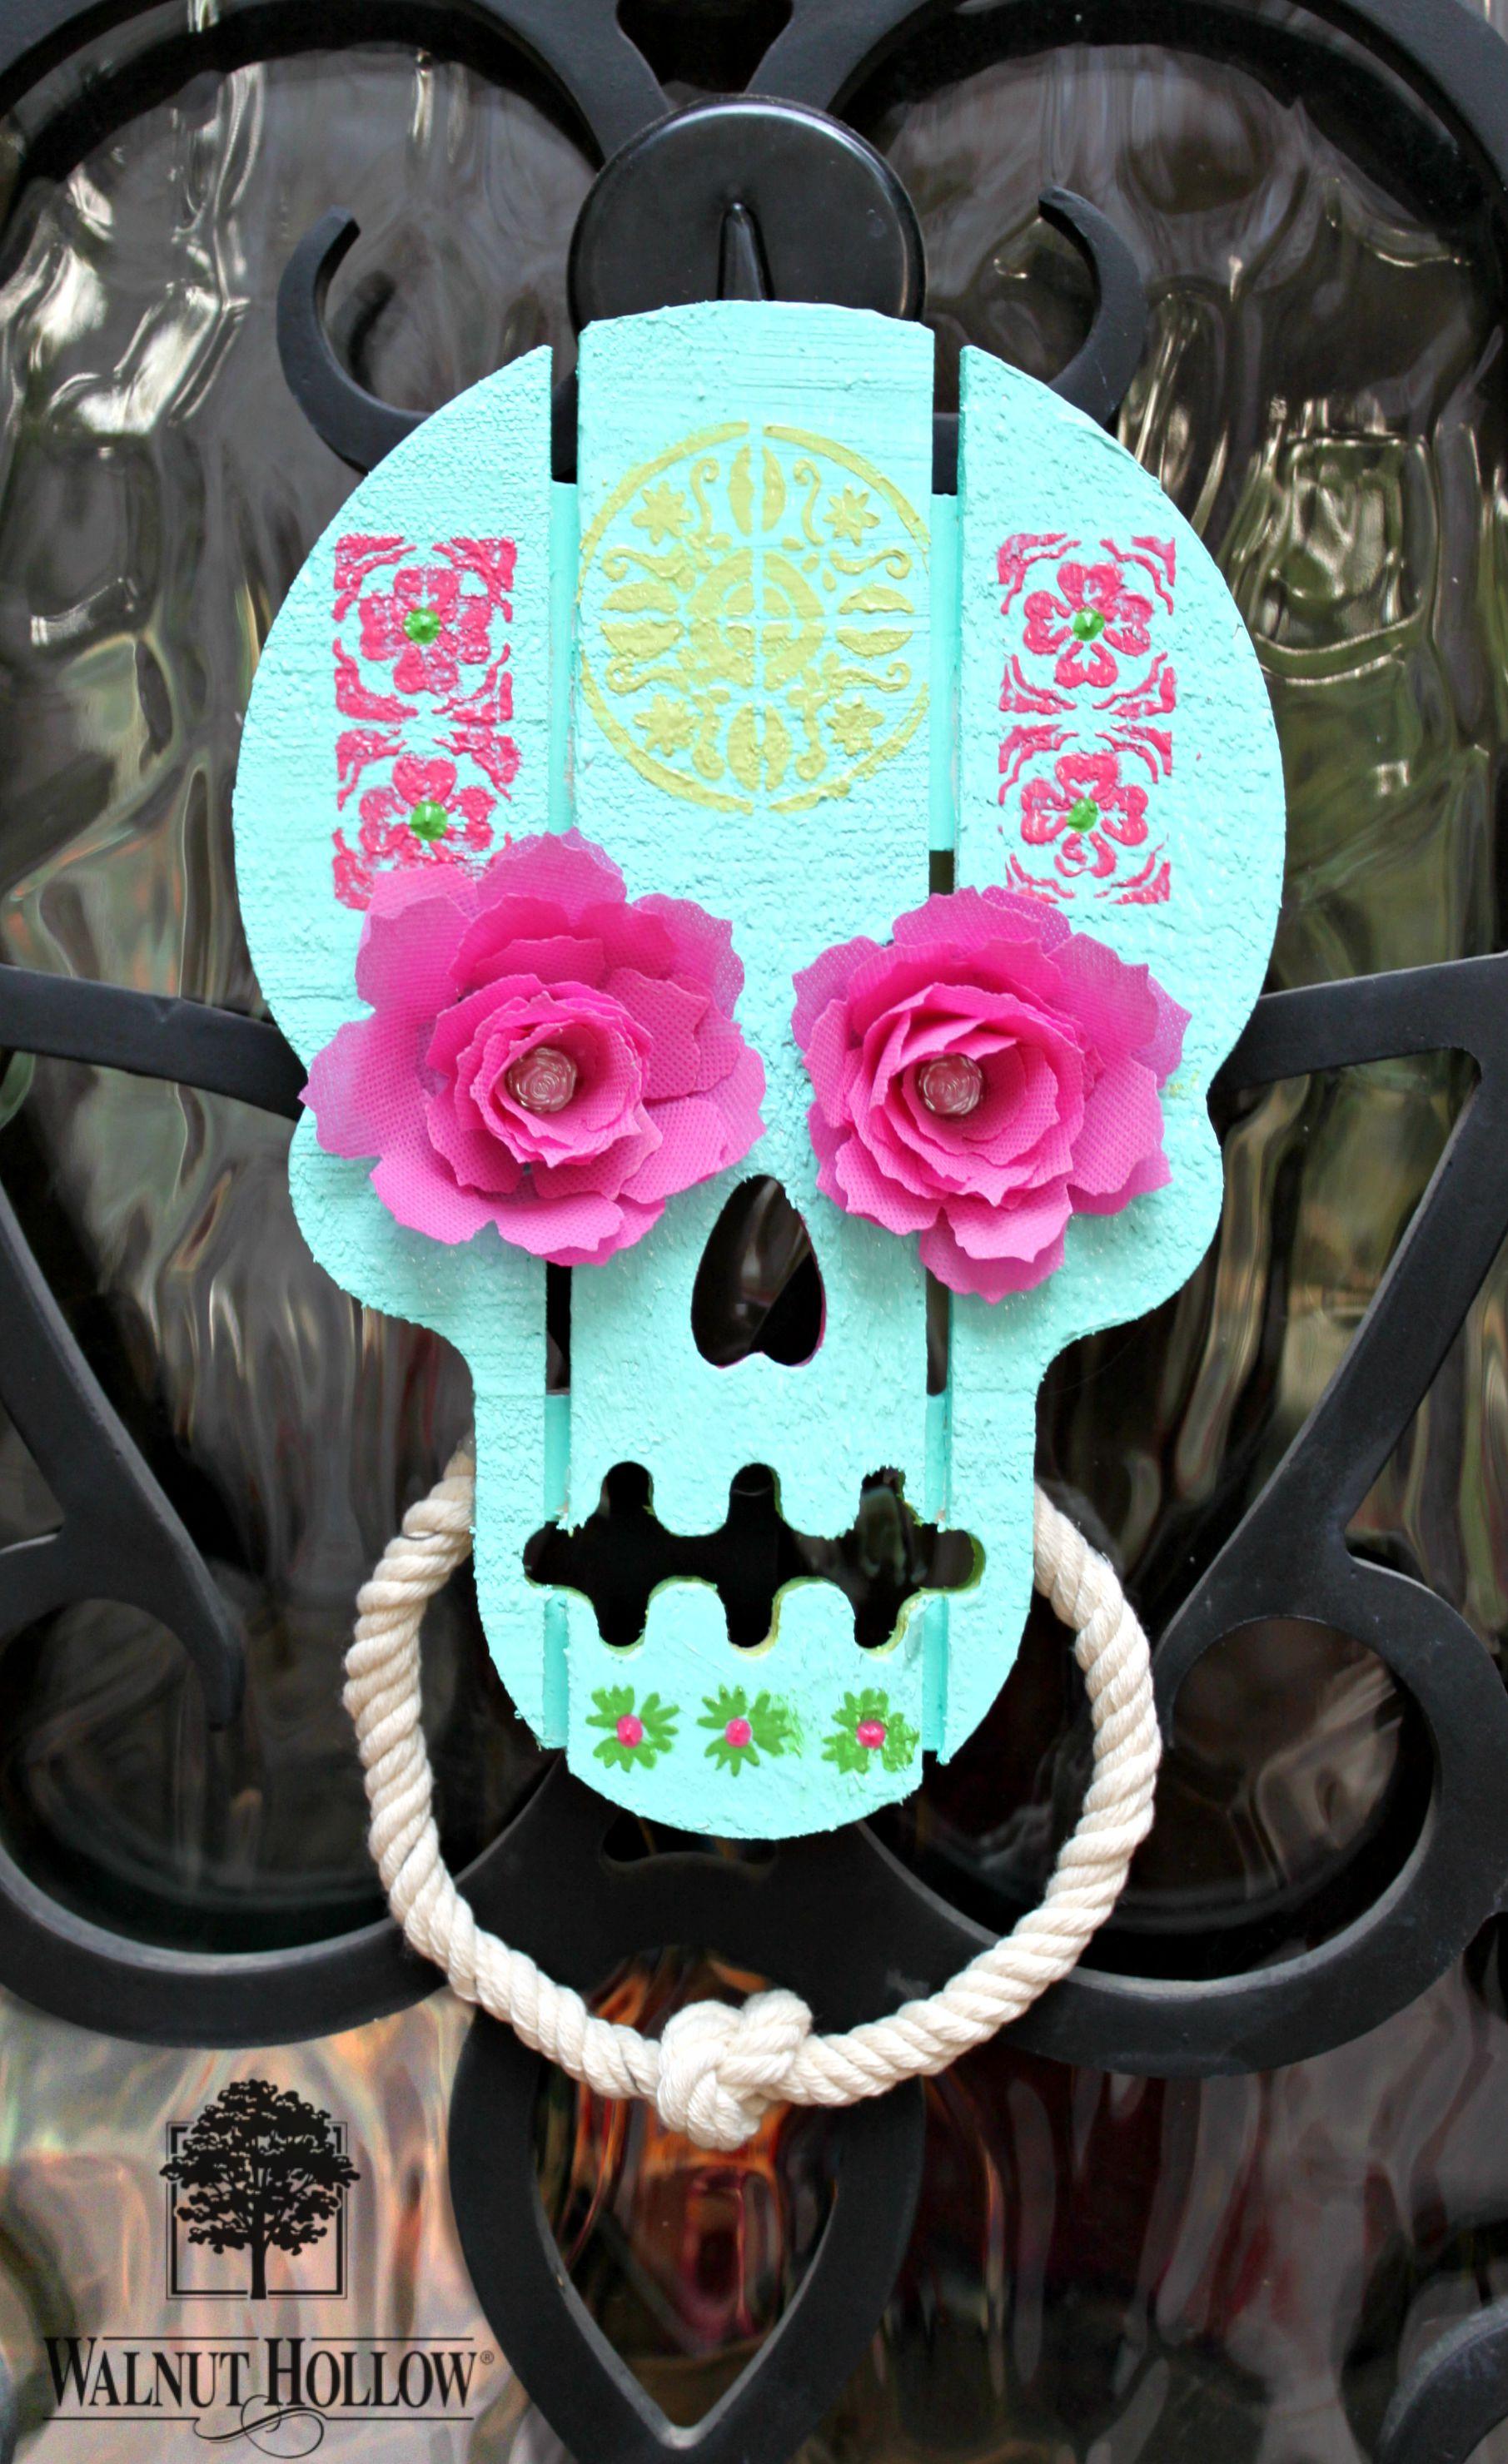 Brand new Make a Sugar Skull (Calavera) Door Knocker | walnuthollowcrafts FT34